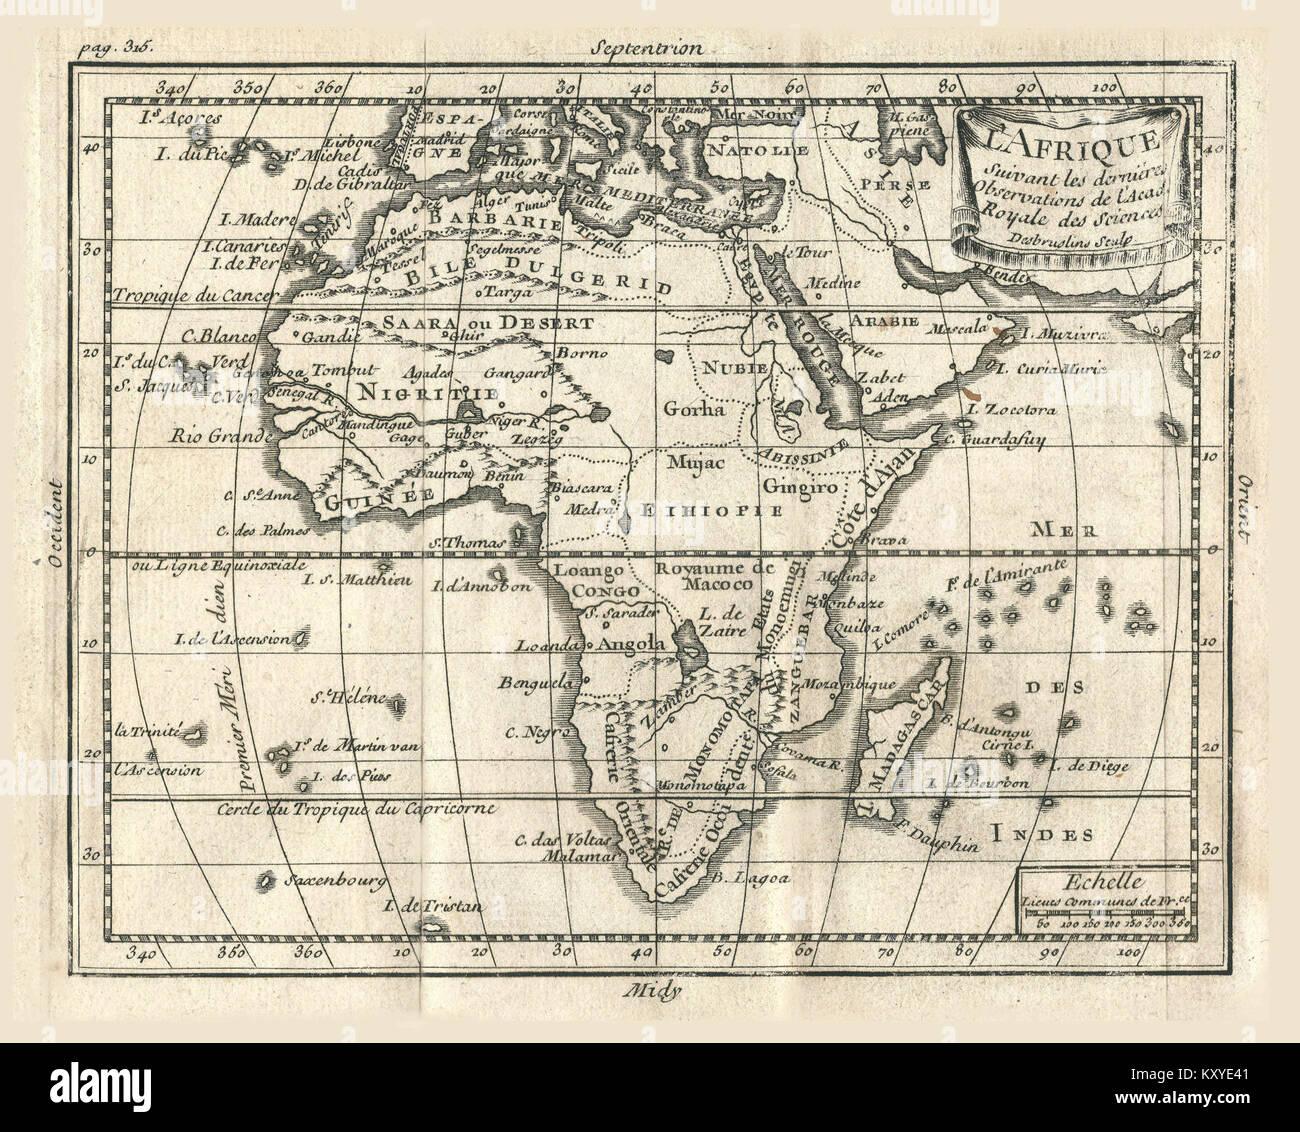 Géographie Buffier-carte de l'Afrique - Stock Image